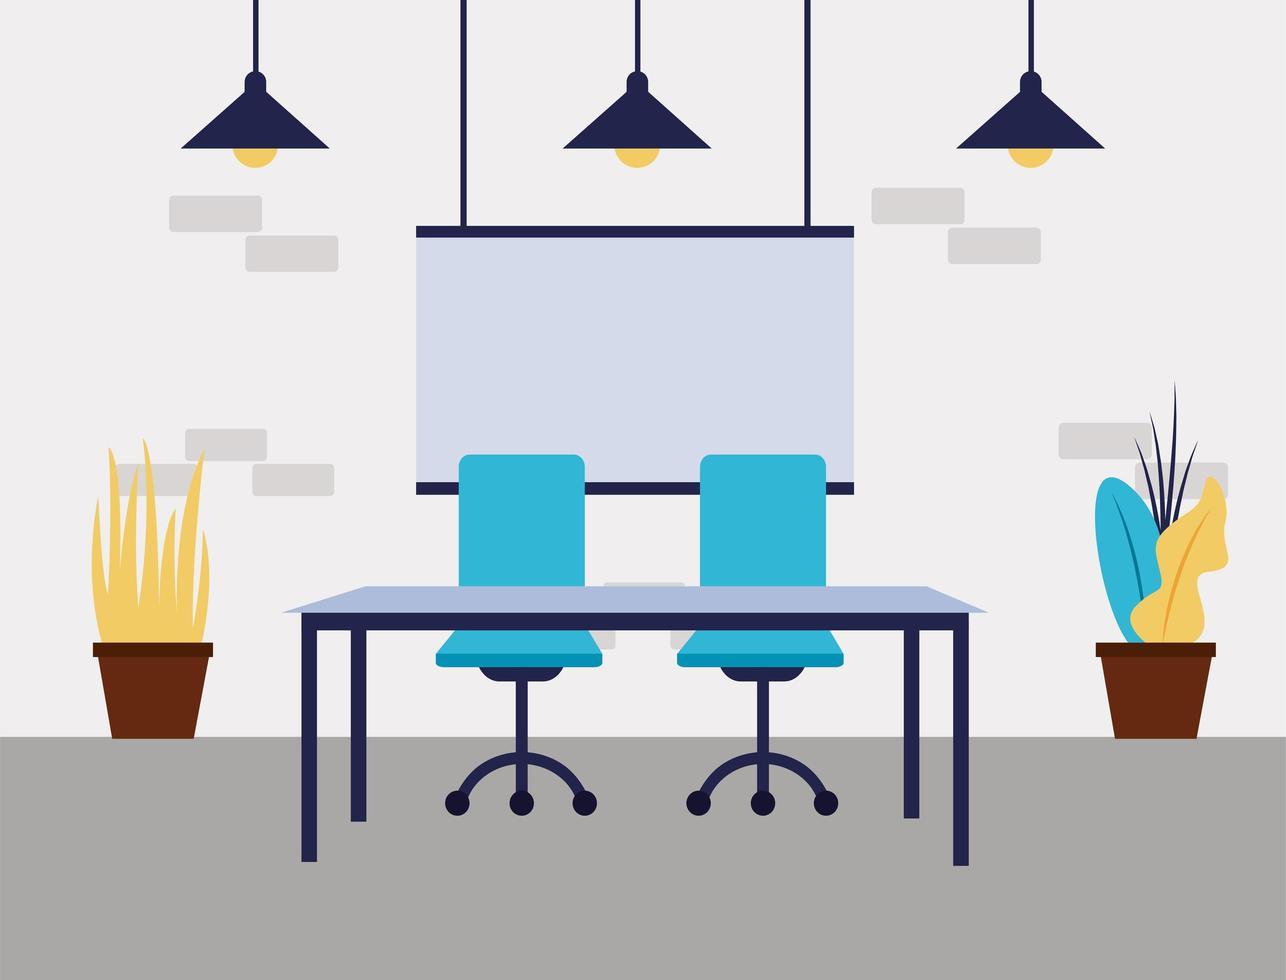 bureau met stoelen vector ontwerp